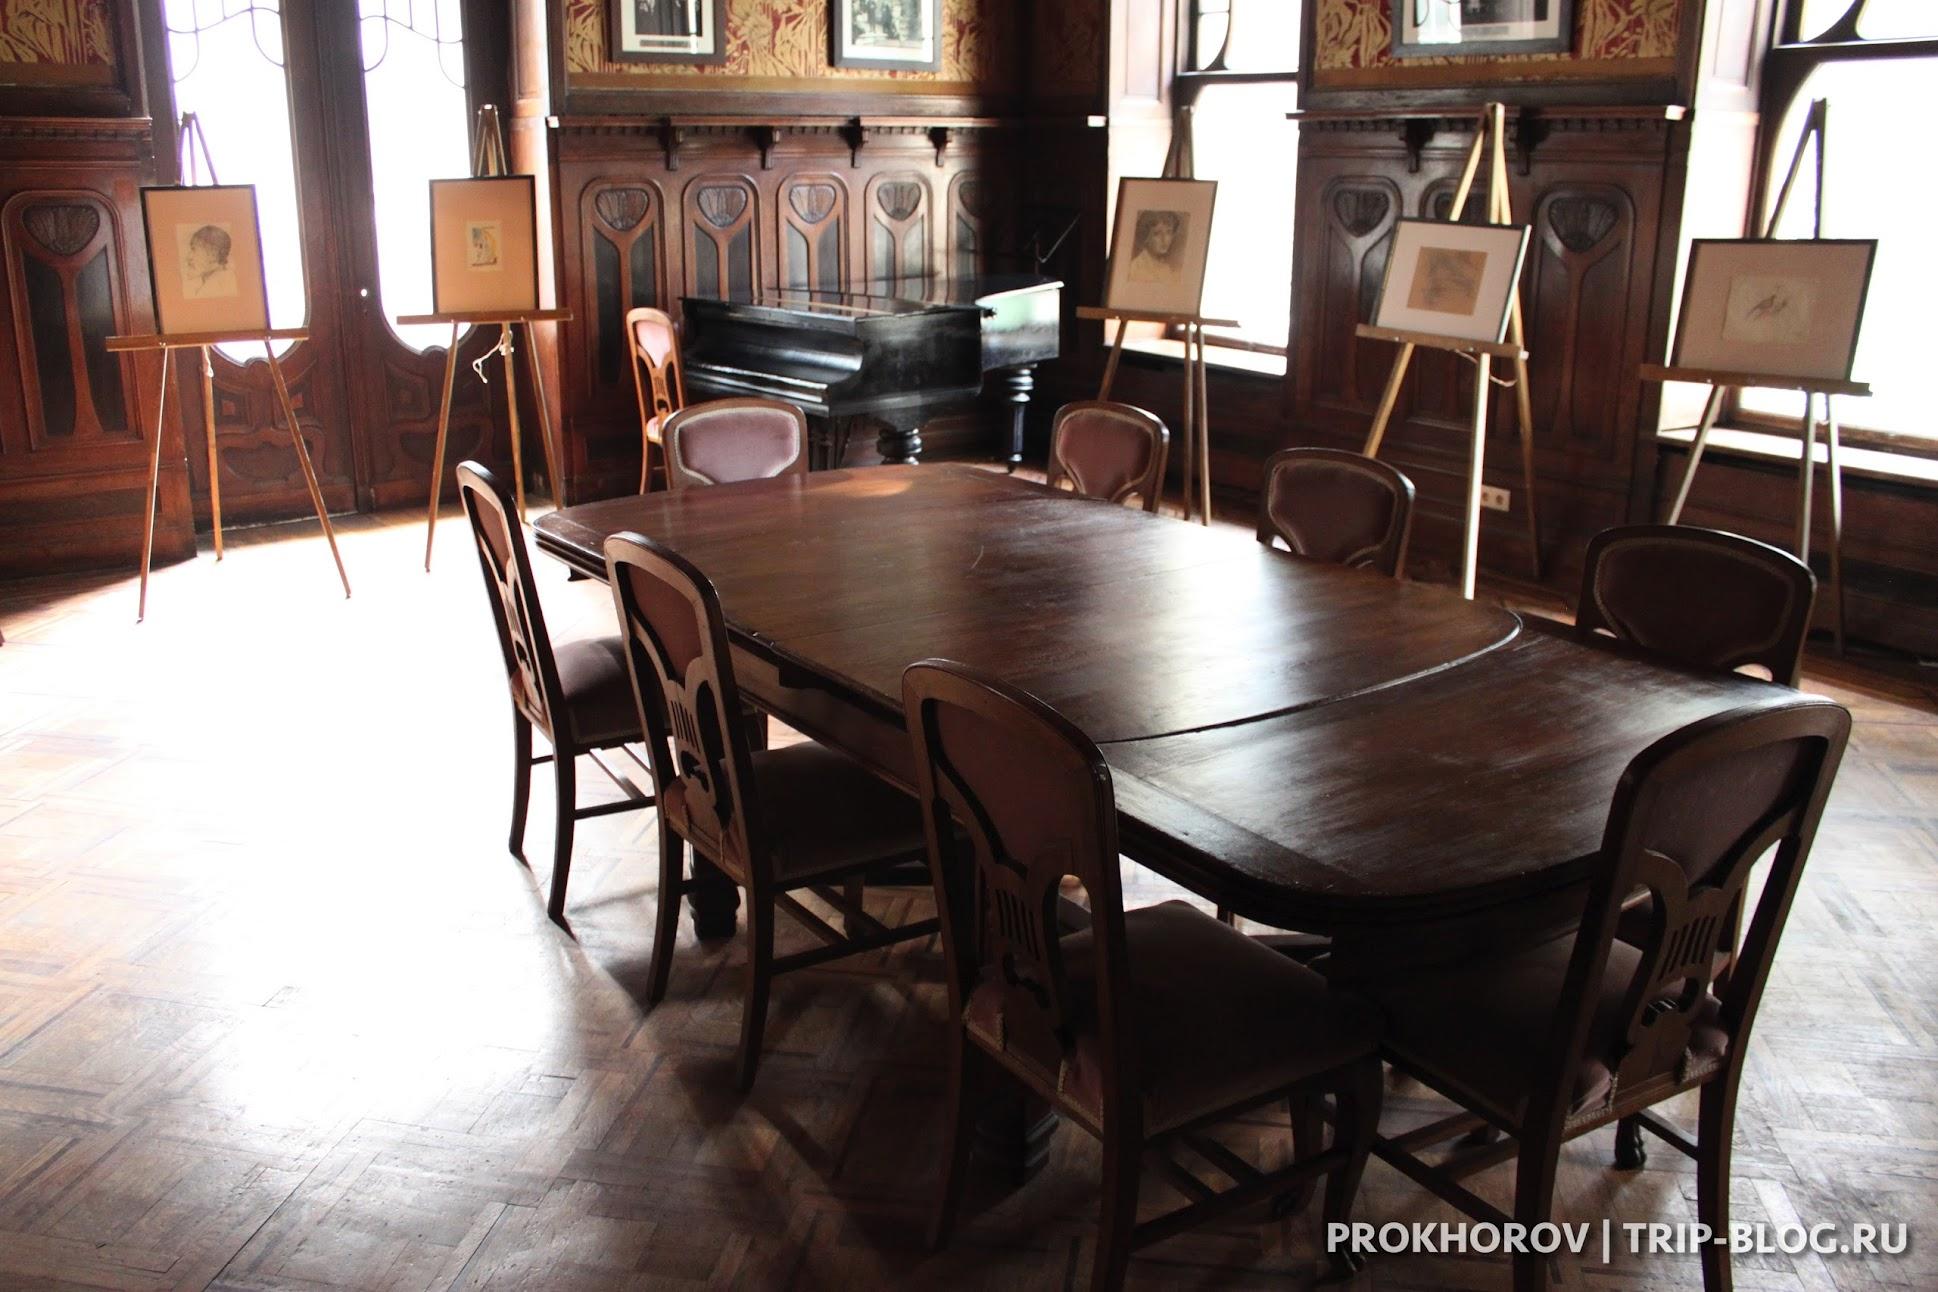 Дом писателей в Тбилиси